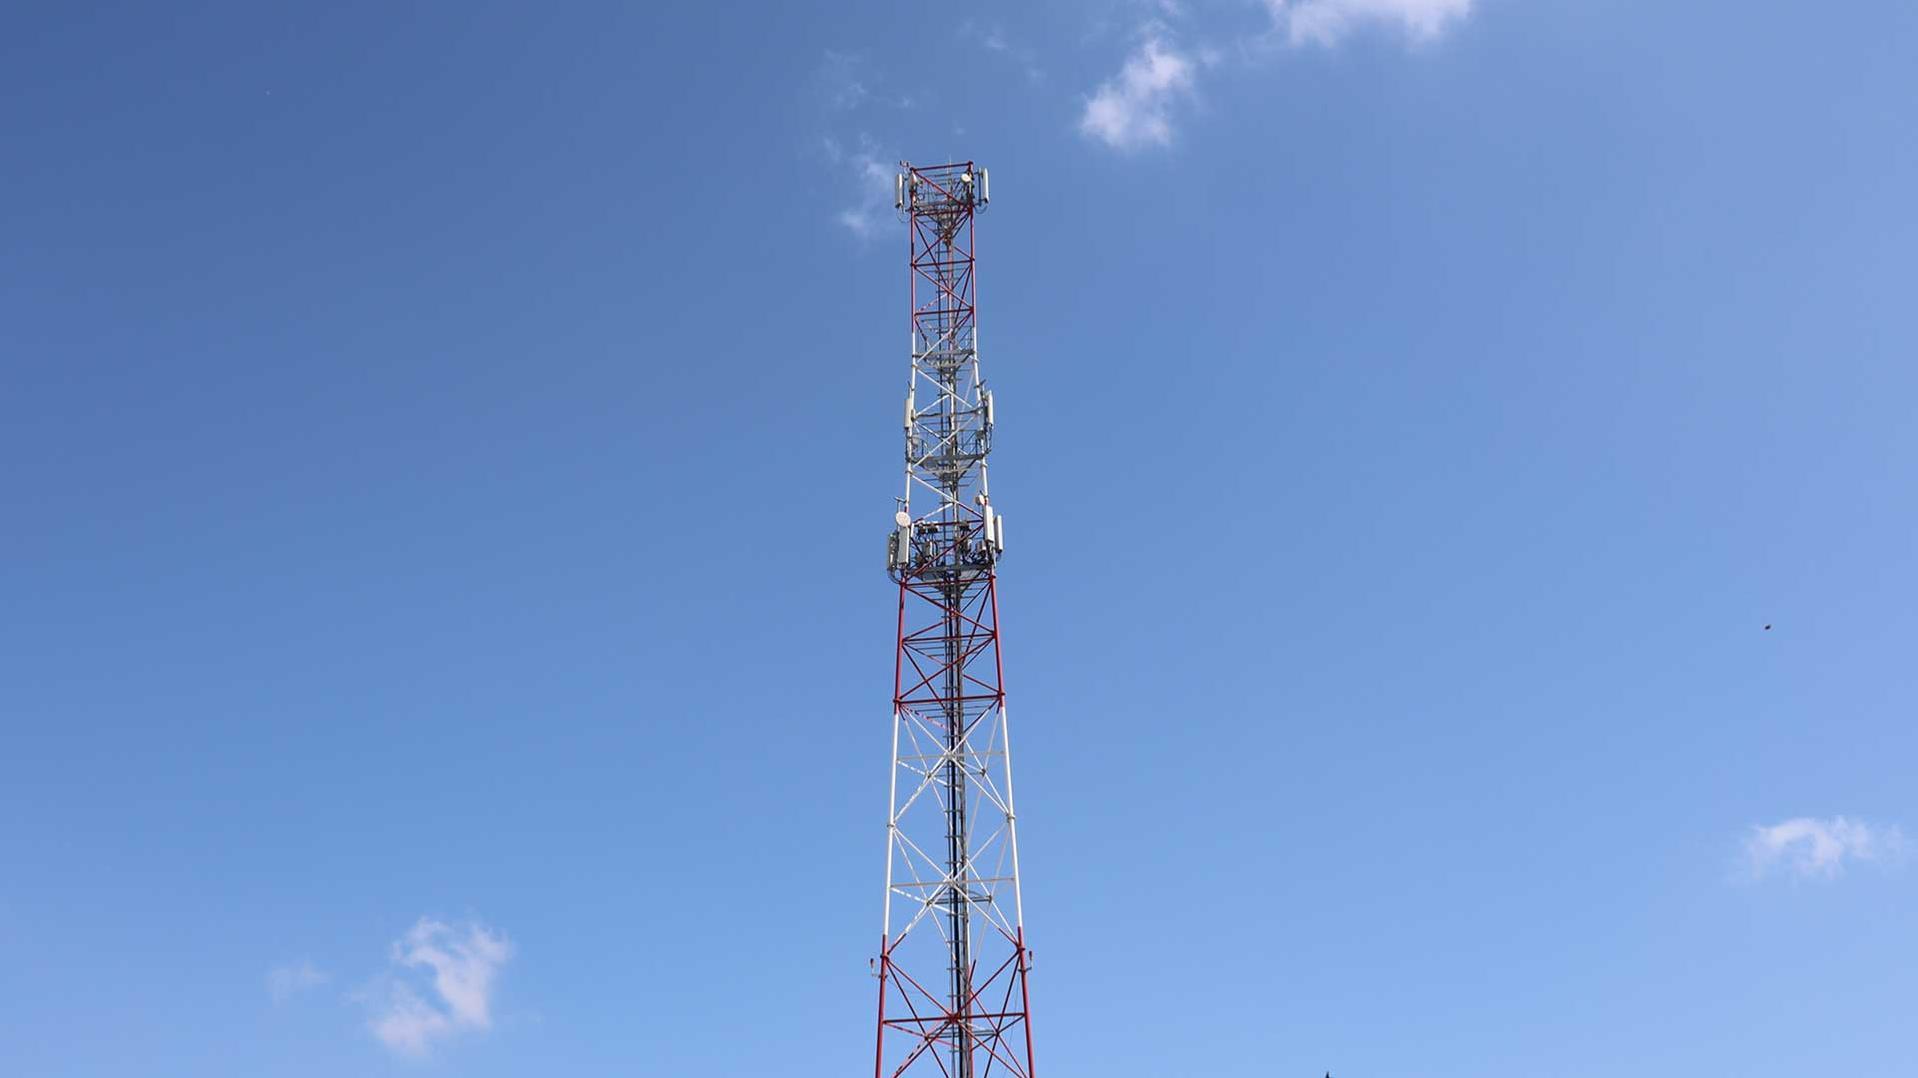 EMK Tower